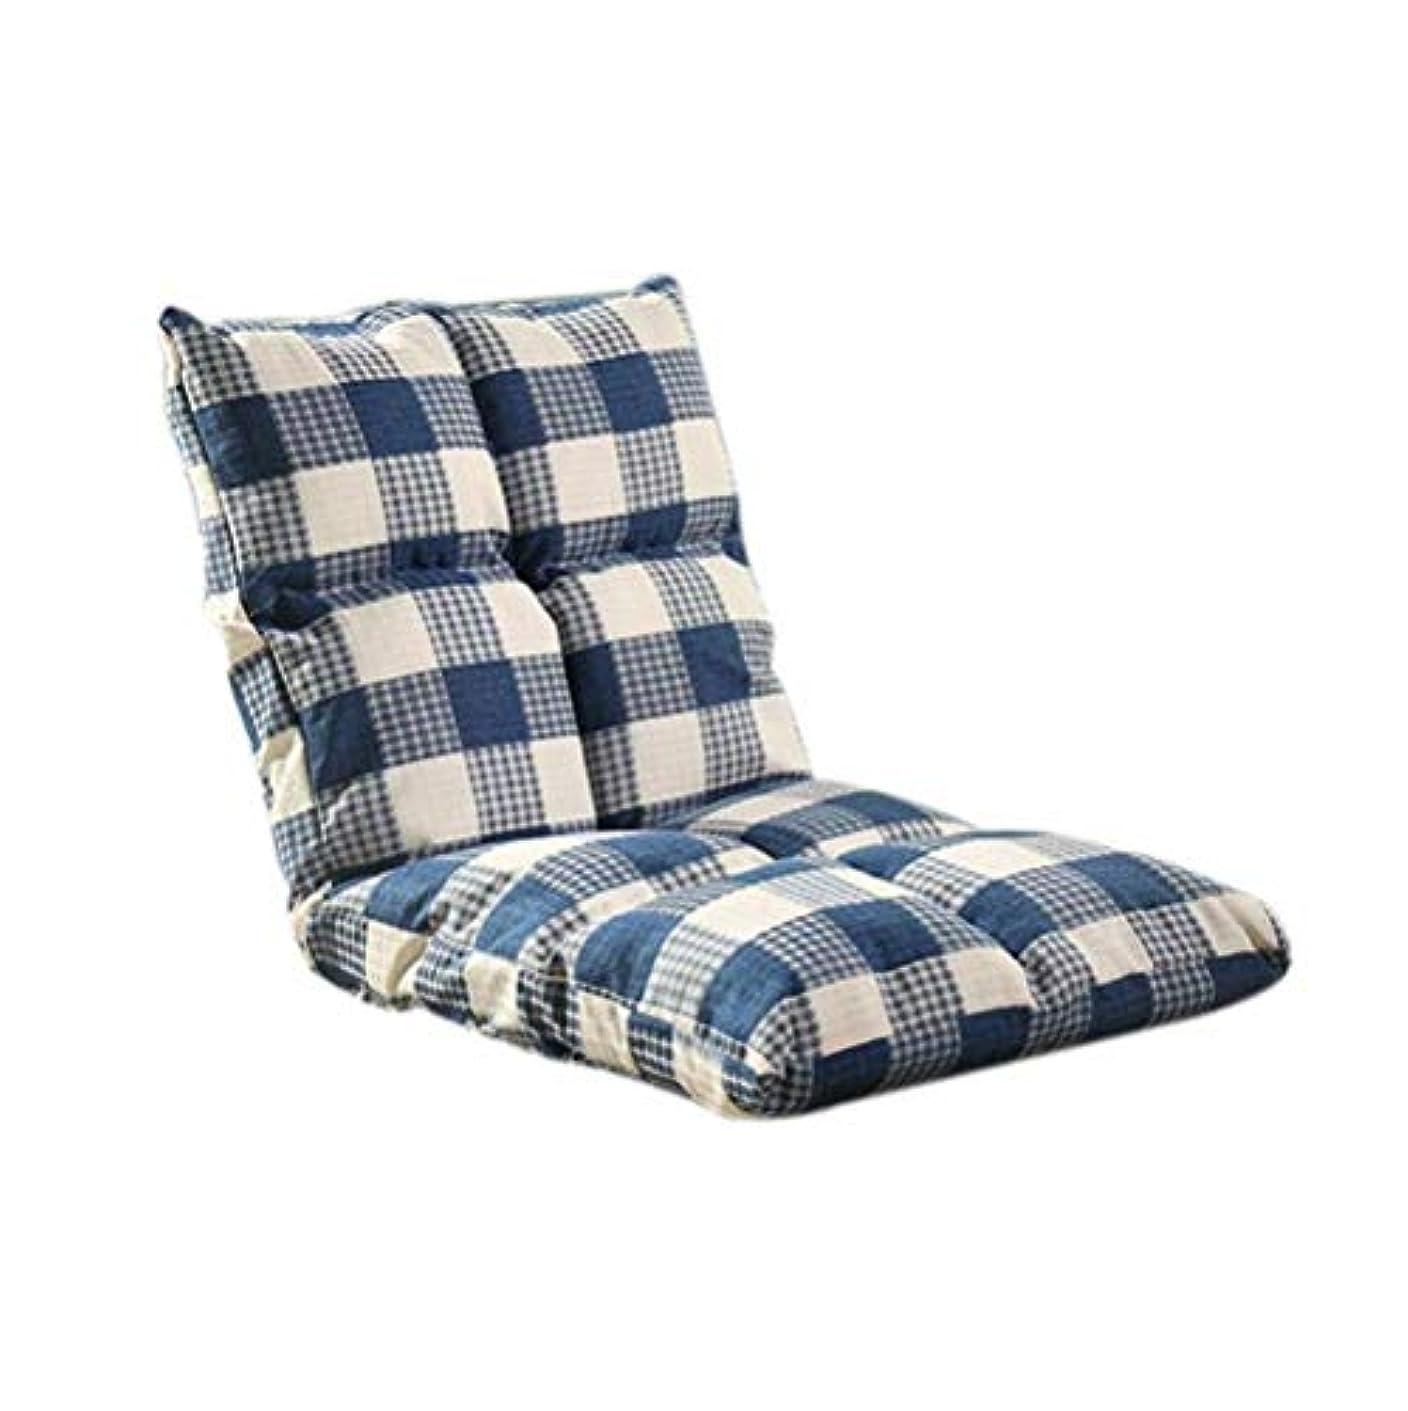 費やすホームマイル瞑想椅子、折りたたみ椅子、調節可能な椅子、畳シングルチェア、背もたれ付きのベッドルームベイウィンドウ日本の椅子、怠zyなソファゲームチェア (Color : 濃紺)